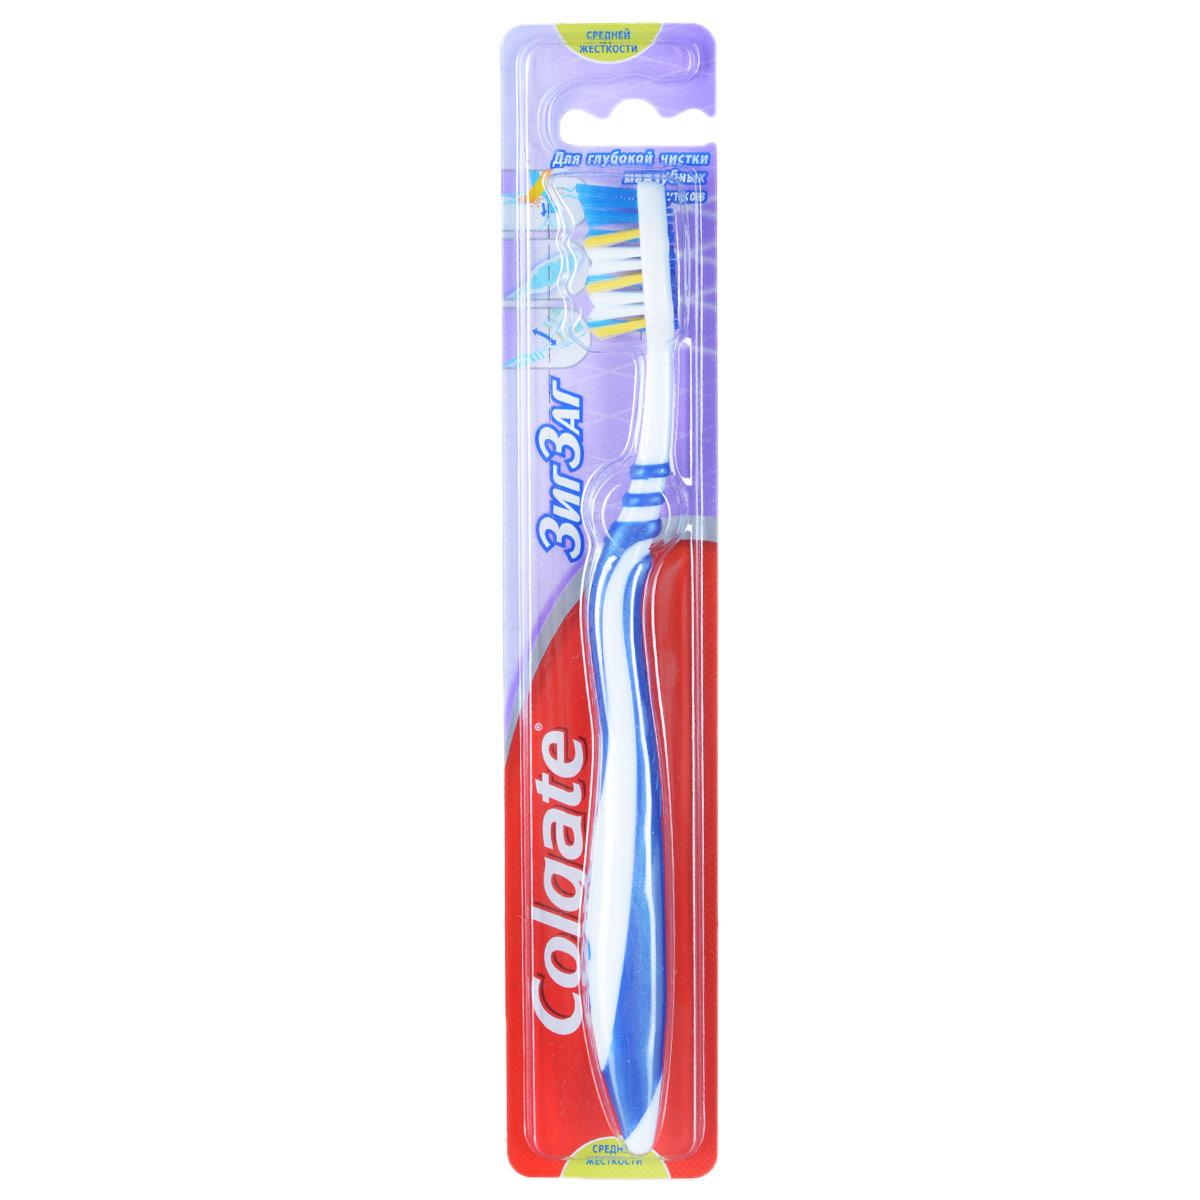 Colgate Зубная щетка Зиг-Заг, средней жесткости, цвет: синийFVN50537/FCN21278_синийColgate Зиг-Заг - зубная щетка средней жесткости. Перекрещивающиеся щетинки позволяют проникать щетке в межзубные пространства, а также легко массируют десна. Мягкая подушечка для чистки языка, помогает удалять бактерии, вызывающие неприятный запах изо рта. Гибкая прорезиненная рифленая ручка не скользит в ладони, амортизирует давление руки на нежную поверхность десен. Материал щетки: пластик Товар сертифицирован.